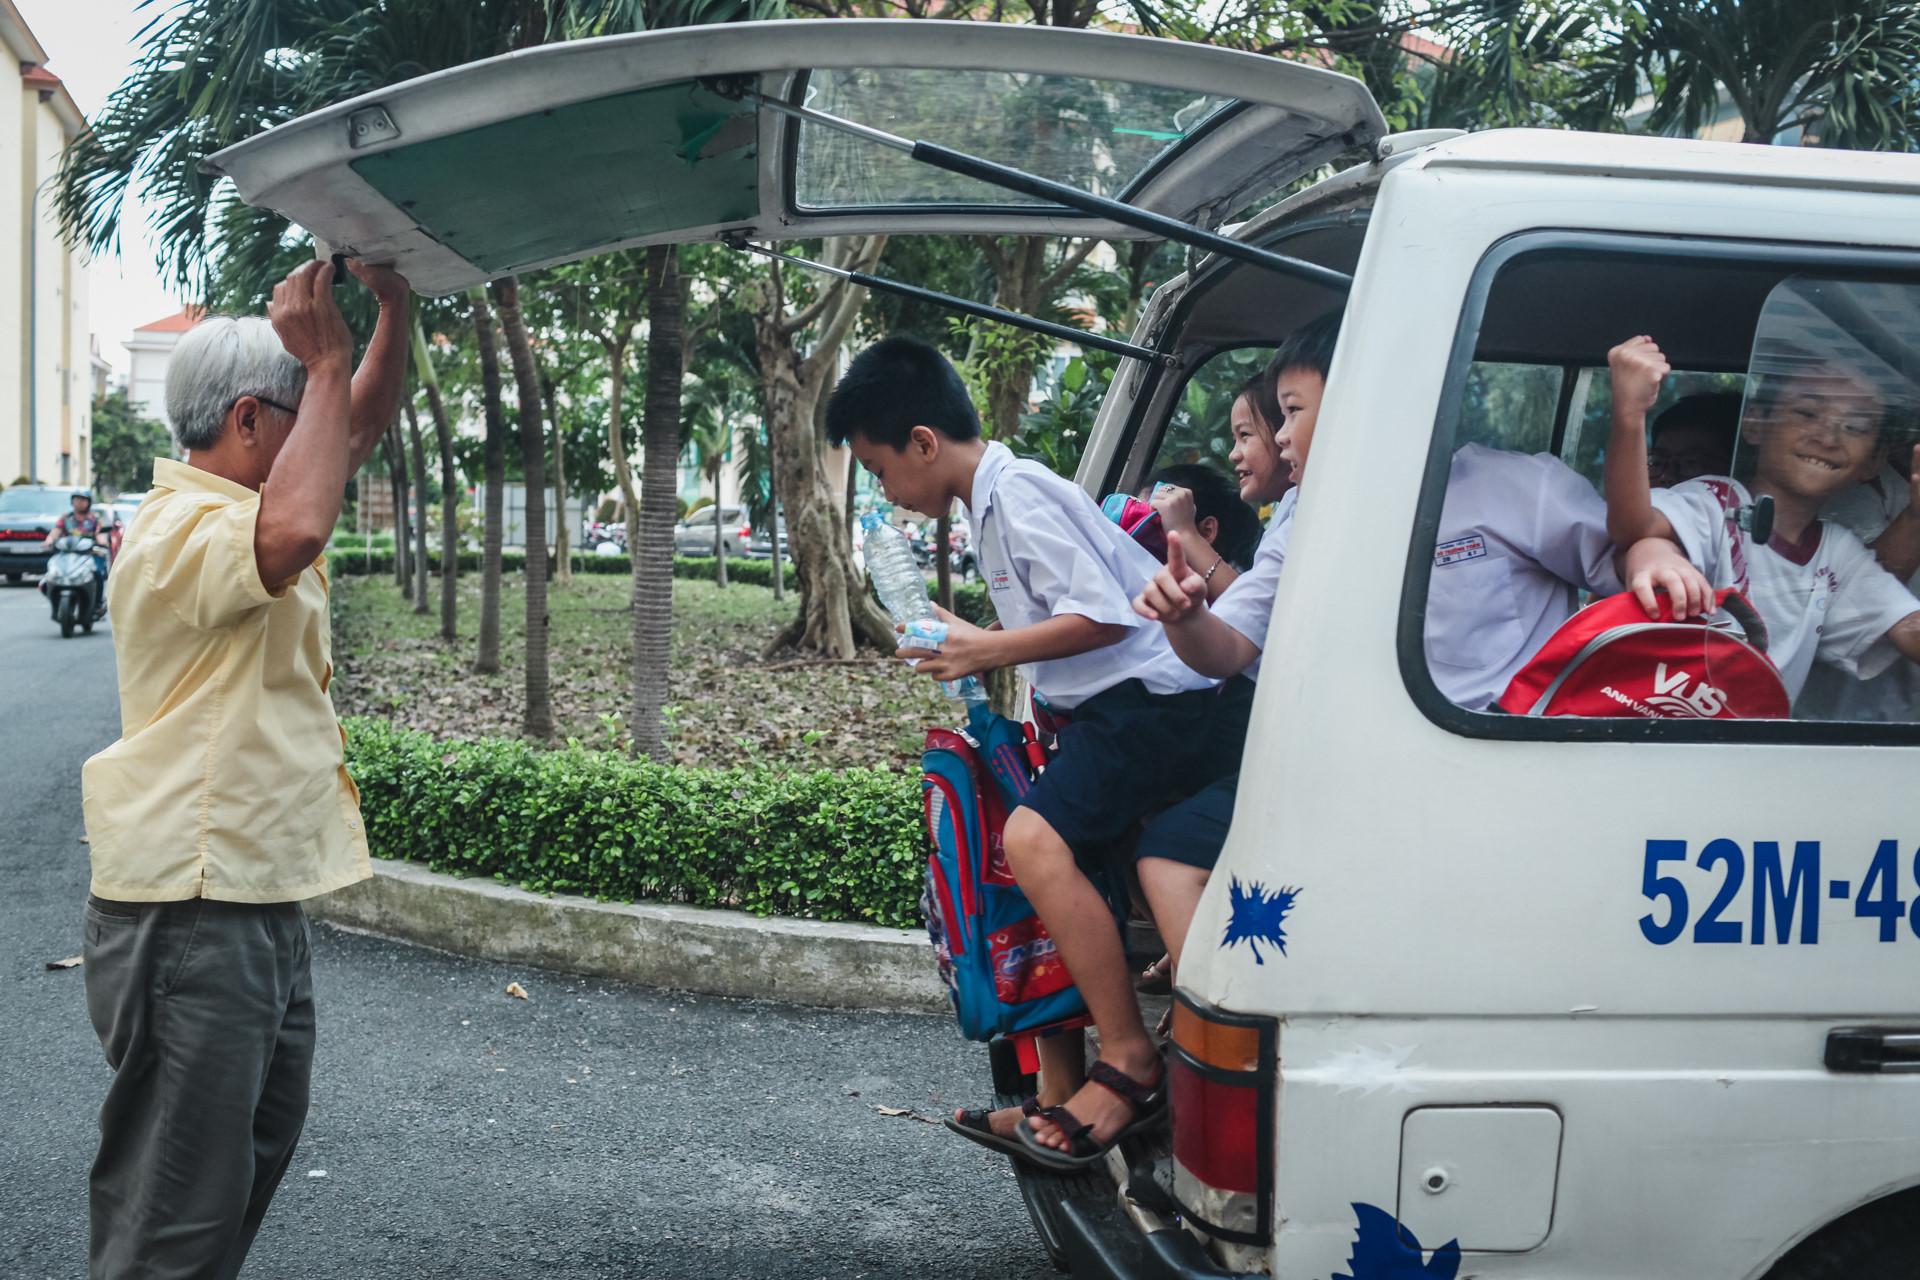 Khi dừng xe, ông Thuyết nhanh chân xuống mở cửa và cẩn thận bế từng em xuống vì sợ nó giỡn rồi té